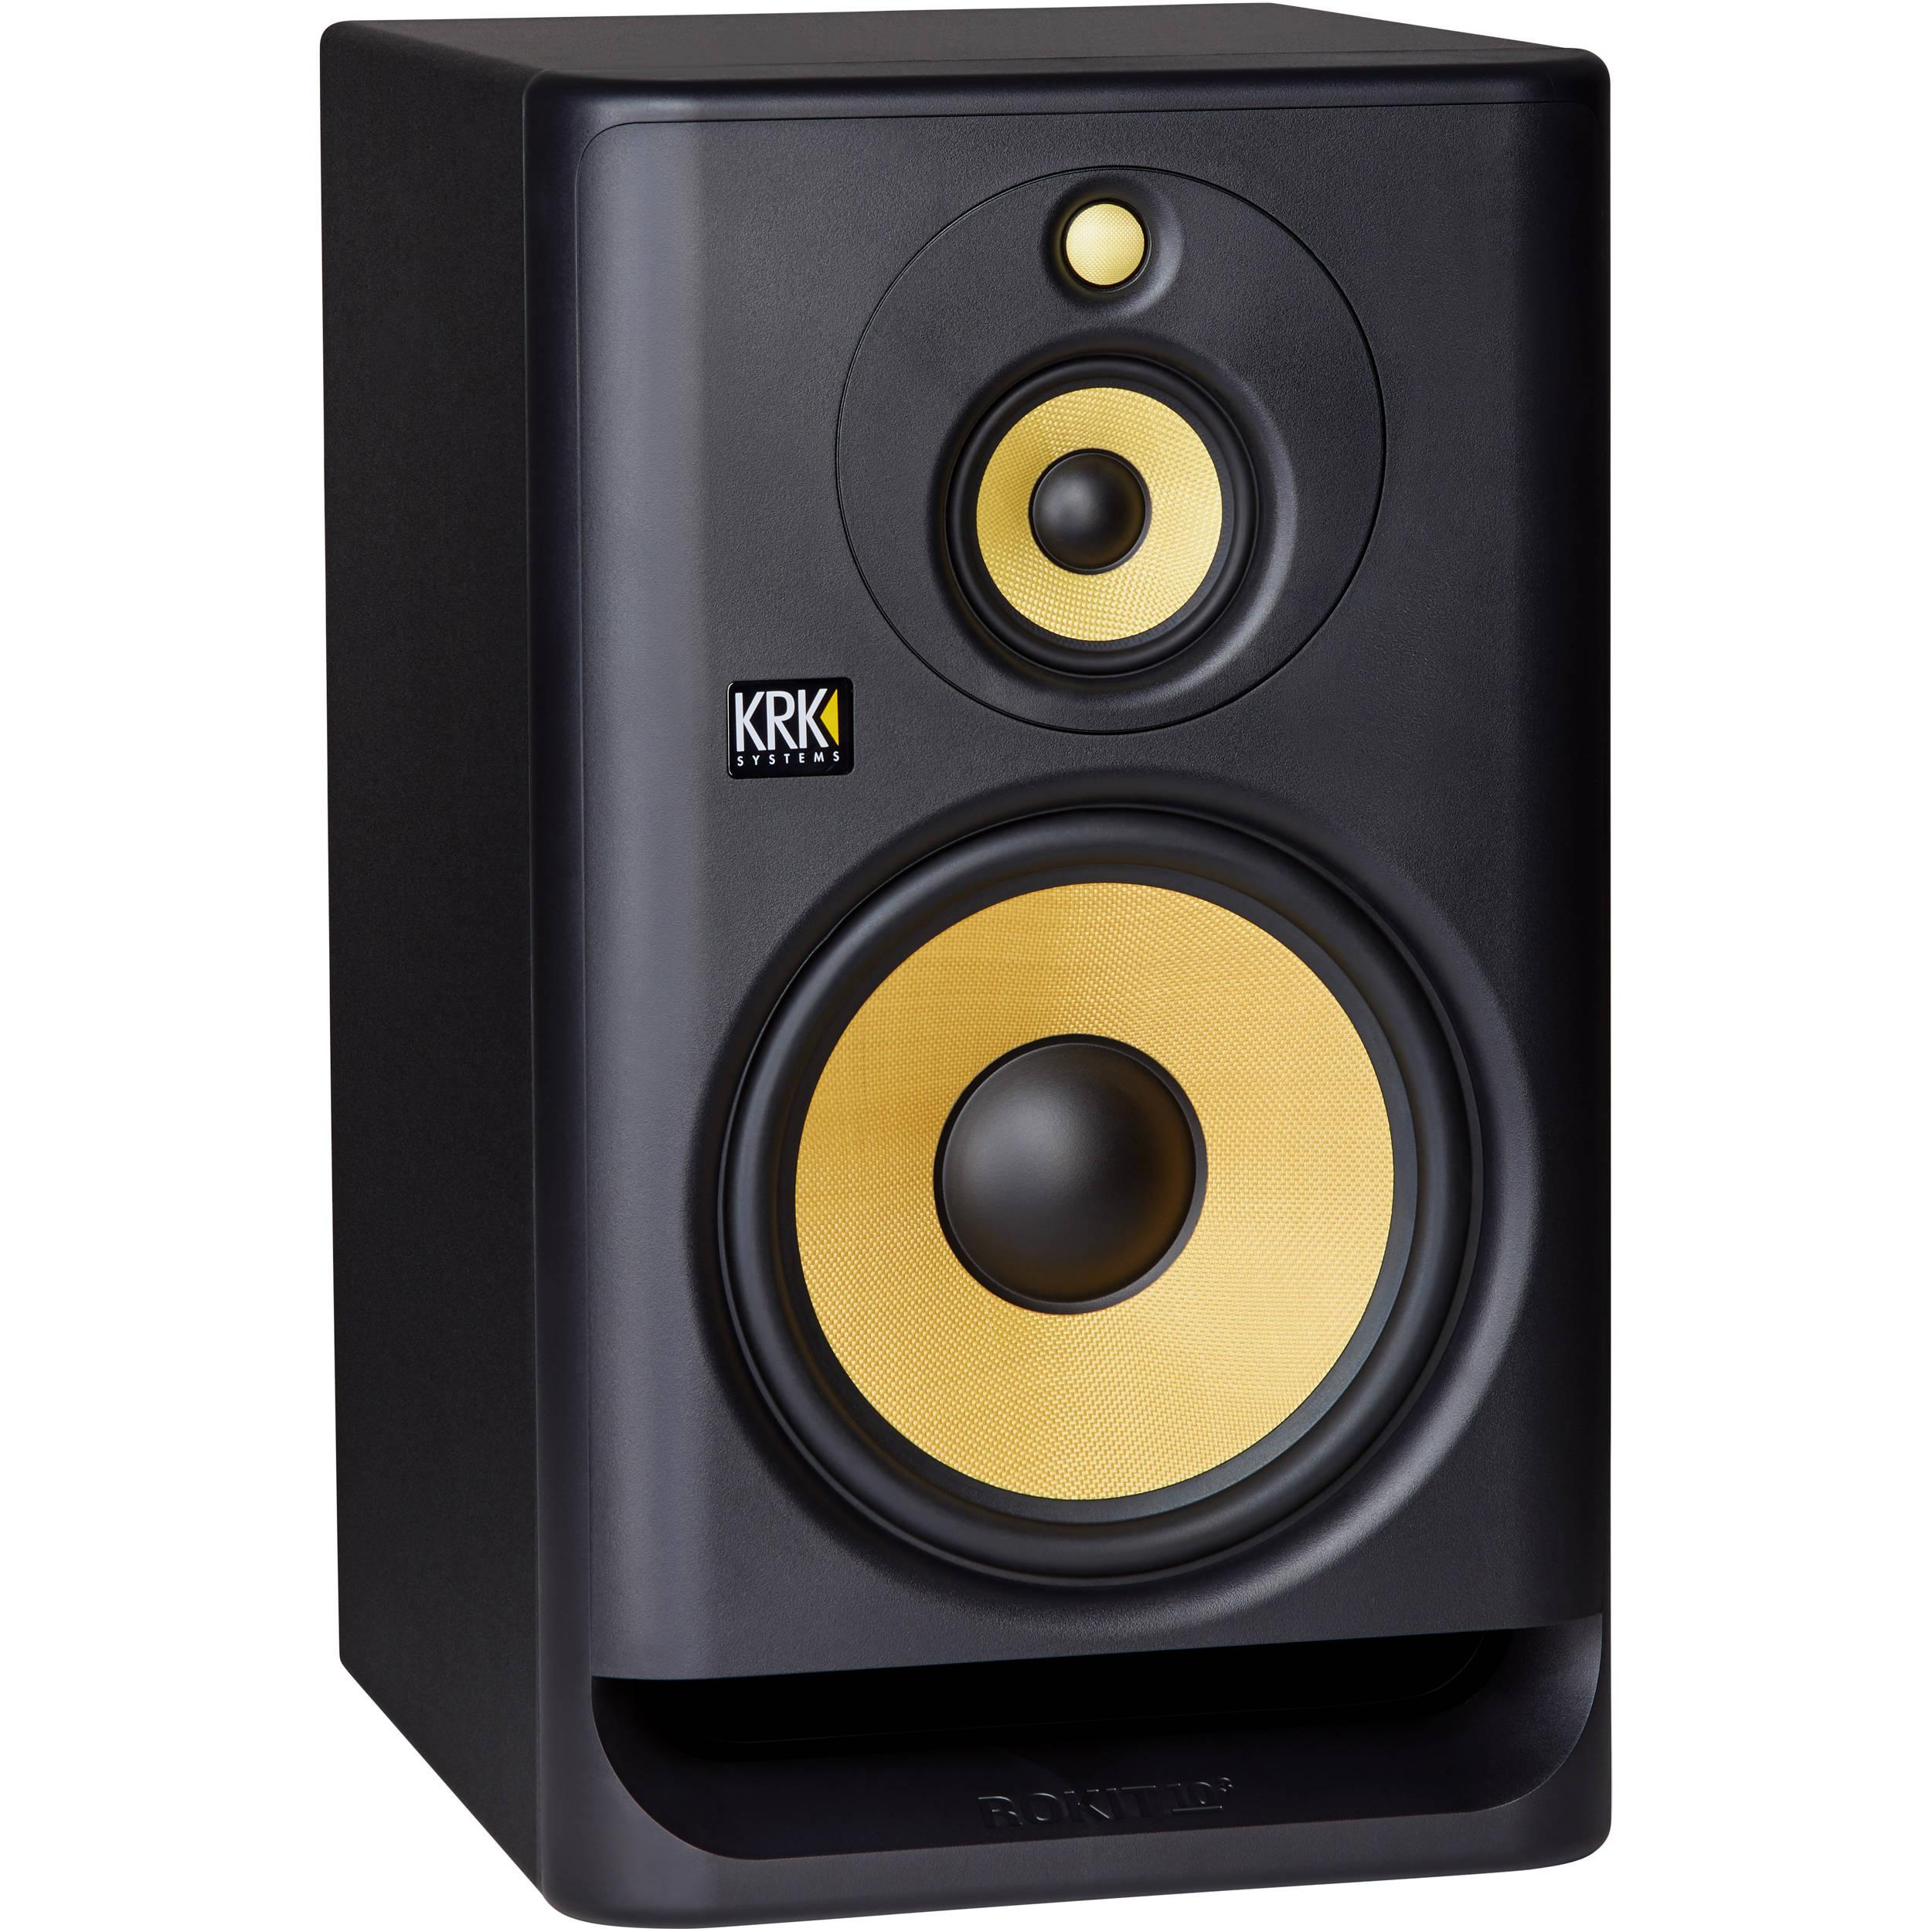 krk rokit 10 g4 10 3 way active studio monitor rp103 g4. Black Bedroom Furniture Sets. Home Design Ideas